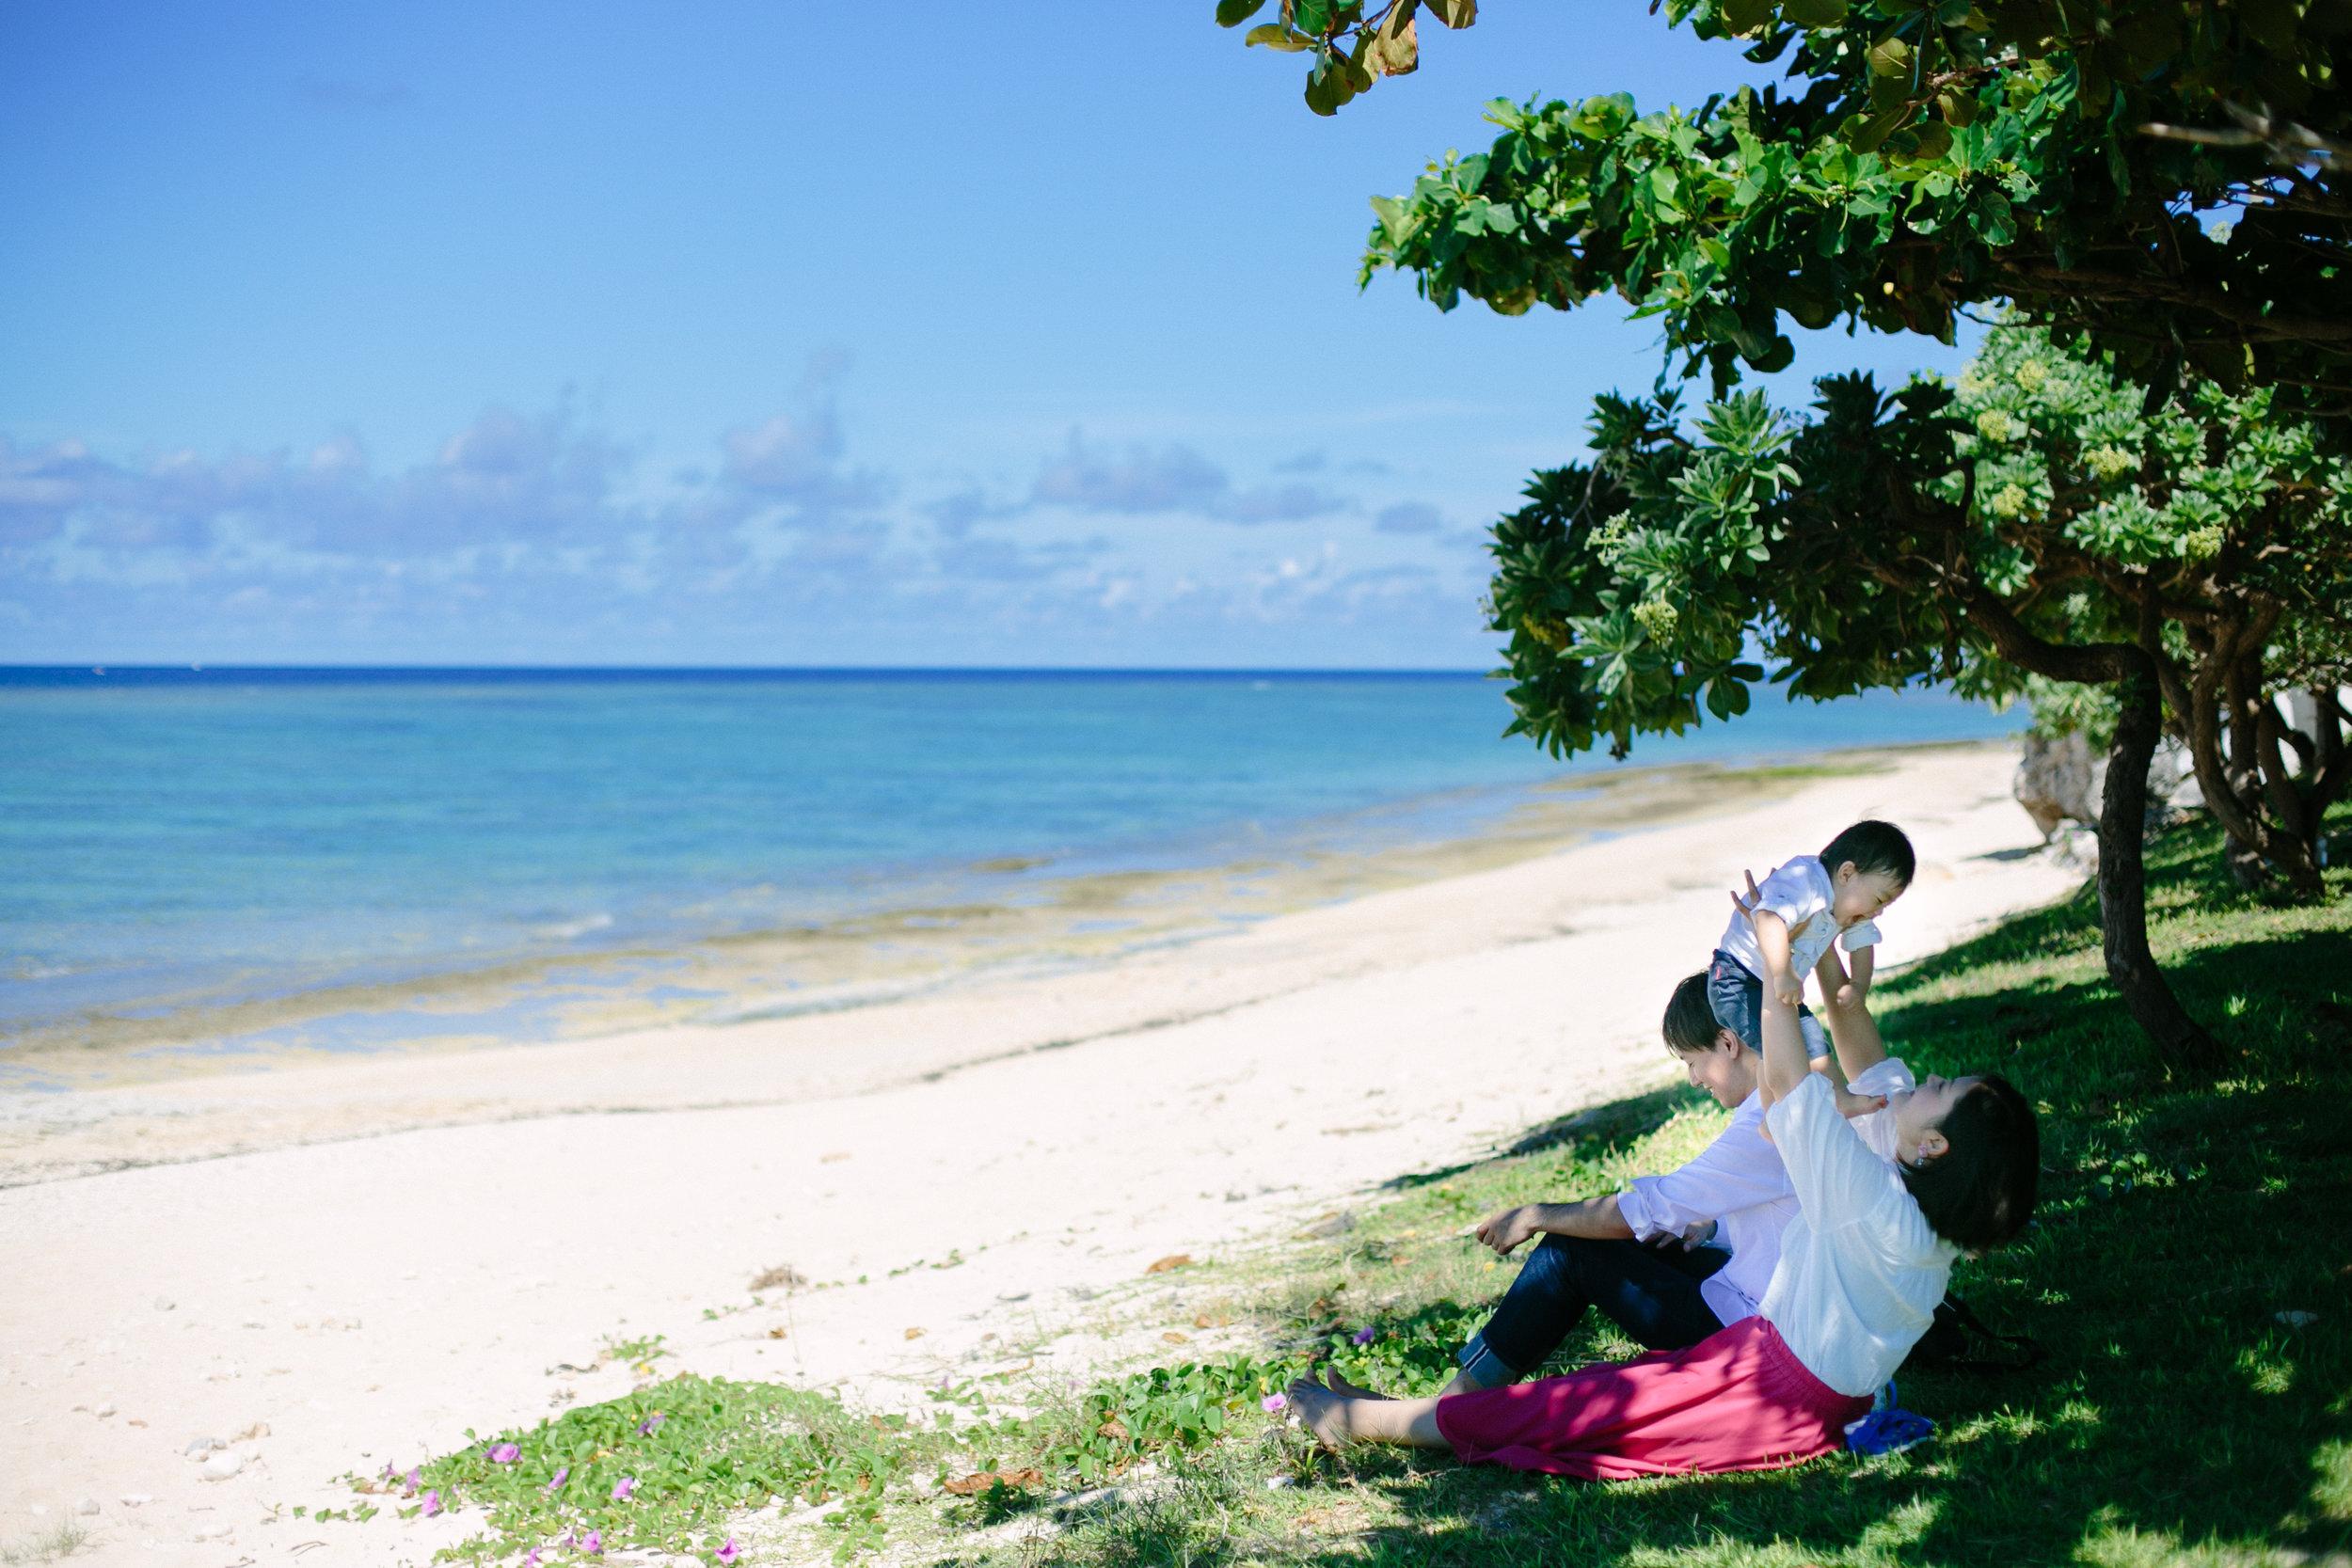 Location - 沖縄旅行に合わせてのファミリーフォトは青い海で! という気持ちも,もちろんですし海での撮影も行いますが 緑が綺麗な公園や場所も多くお子さんのより良い表情や,本来の自由な動きはそういう場所の方が発揮しやすい事もあります。撮影はビーチ,グリーンの2箇所で行なっています。